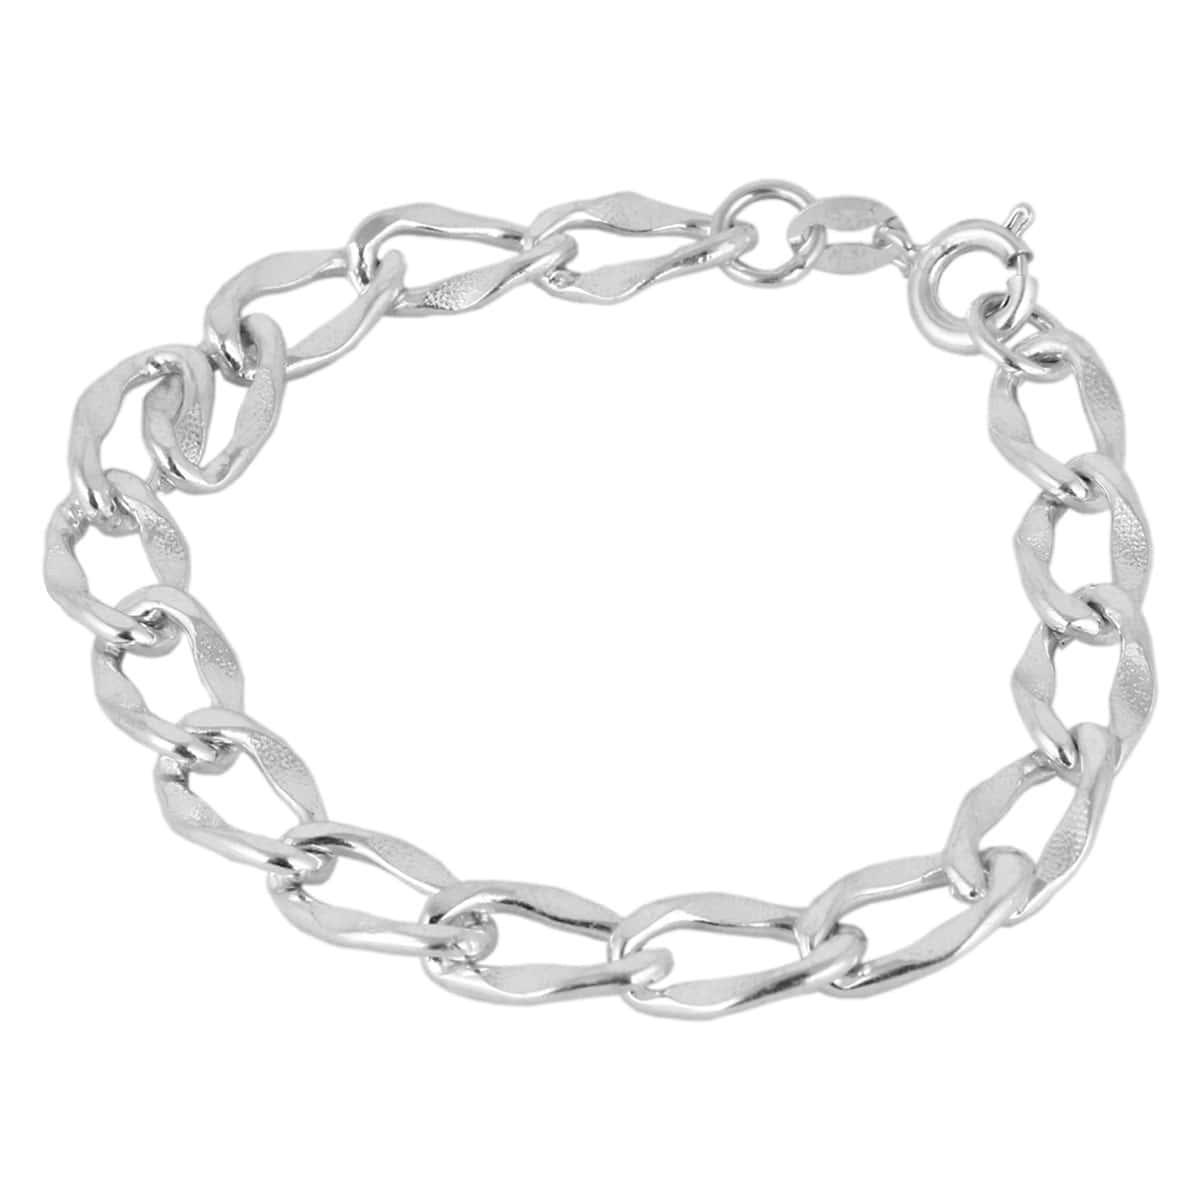 دستبند نقره مردانه مد و کلاس کد ۱۸۰۲۵۸